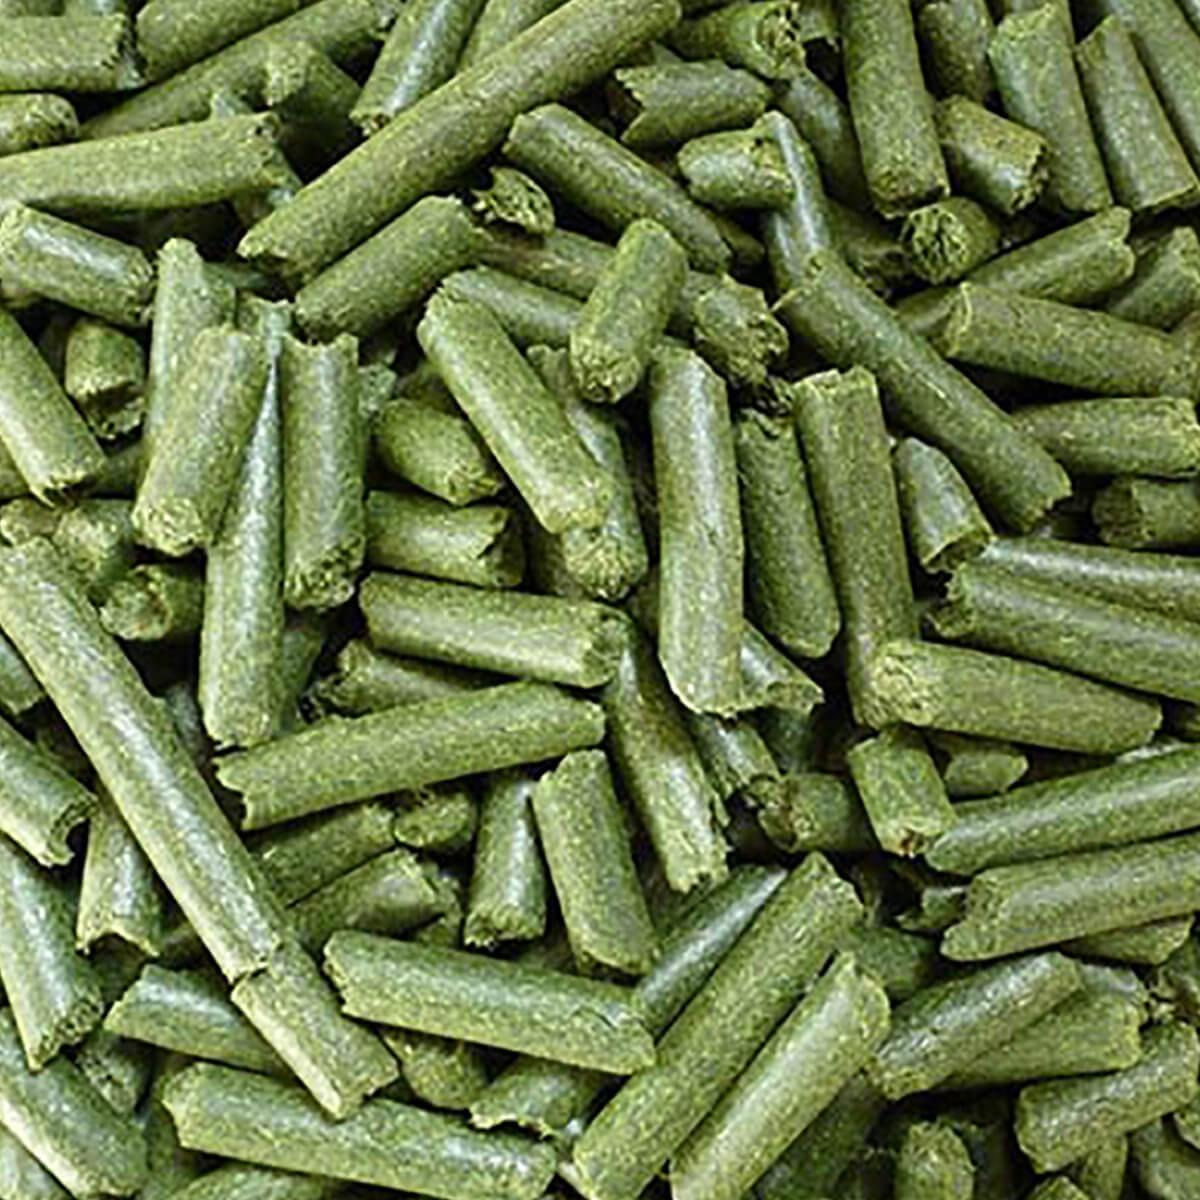 Alfatec Alfalfa Pellets - 700 kg tote